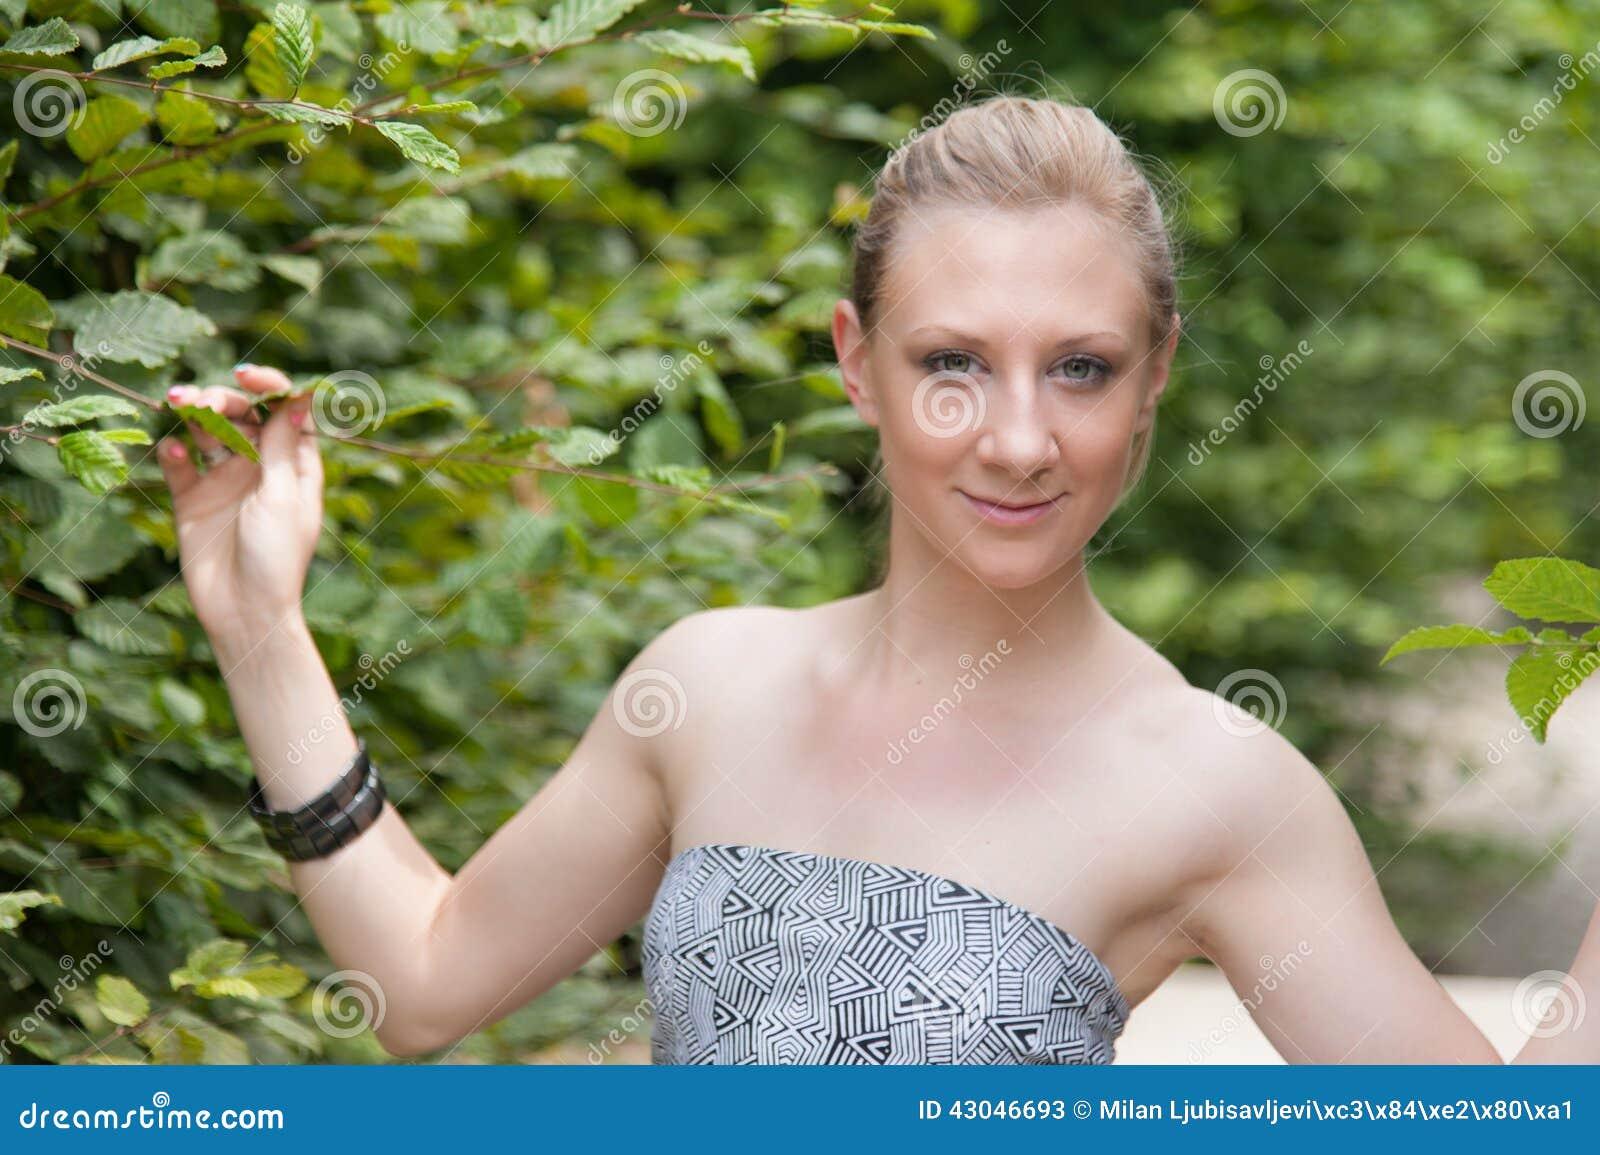 hot escort girls czech model escort